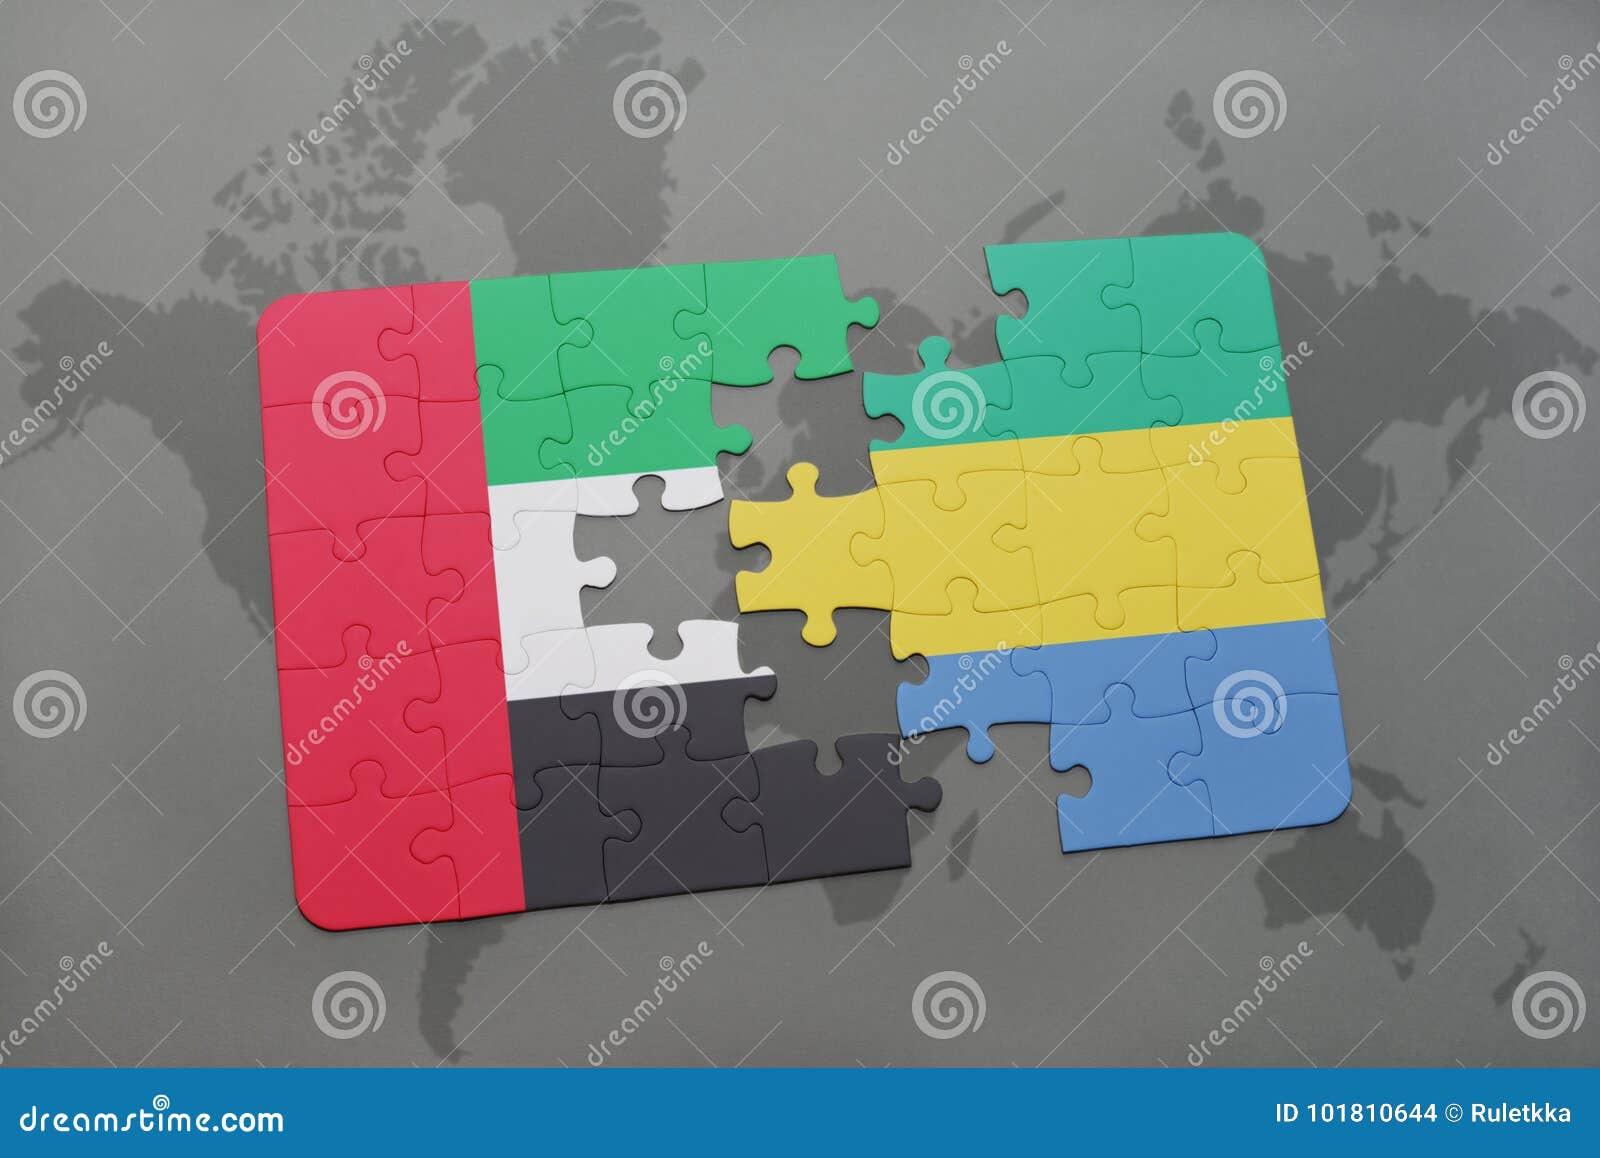 Puzzle With The National Flag Of United Arab Emirates And ... on world map nicaragua, world map osaka japan, world map new zealand, world map austria, world map england, world map istanbul turkey, world map luxembourg, world map hanoi vietnam, world map switzerland, world map italy, world map venezuela, world map croatia, world map australia, world map south africa, world map brazil, world map shanghai china, world map prague czech republic, world map mexico, world map sri lanka, world map wales,